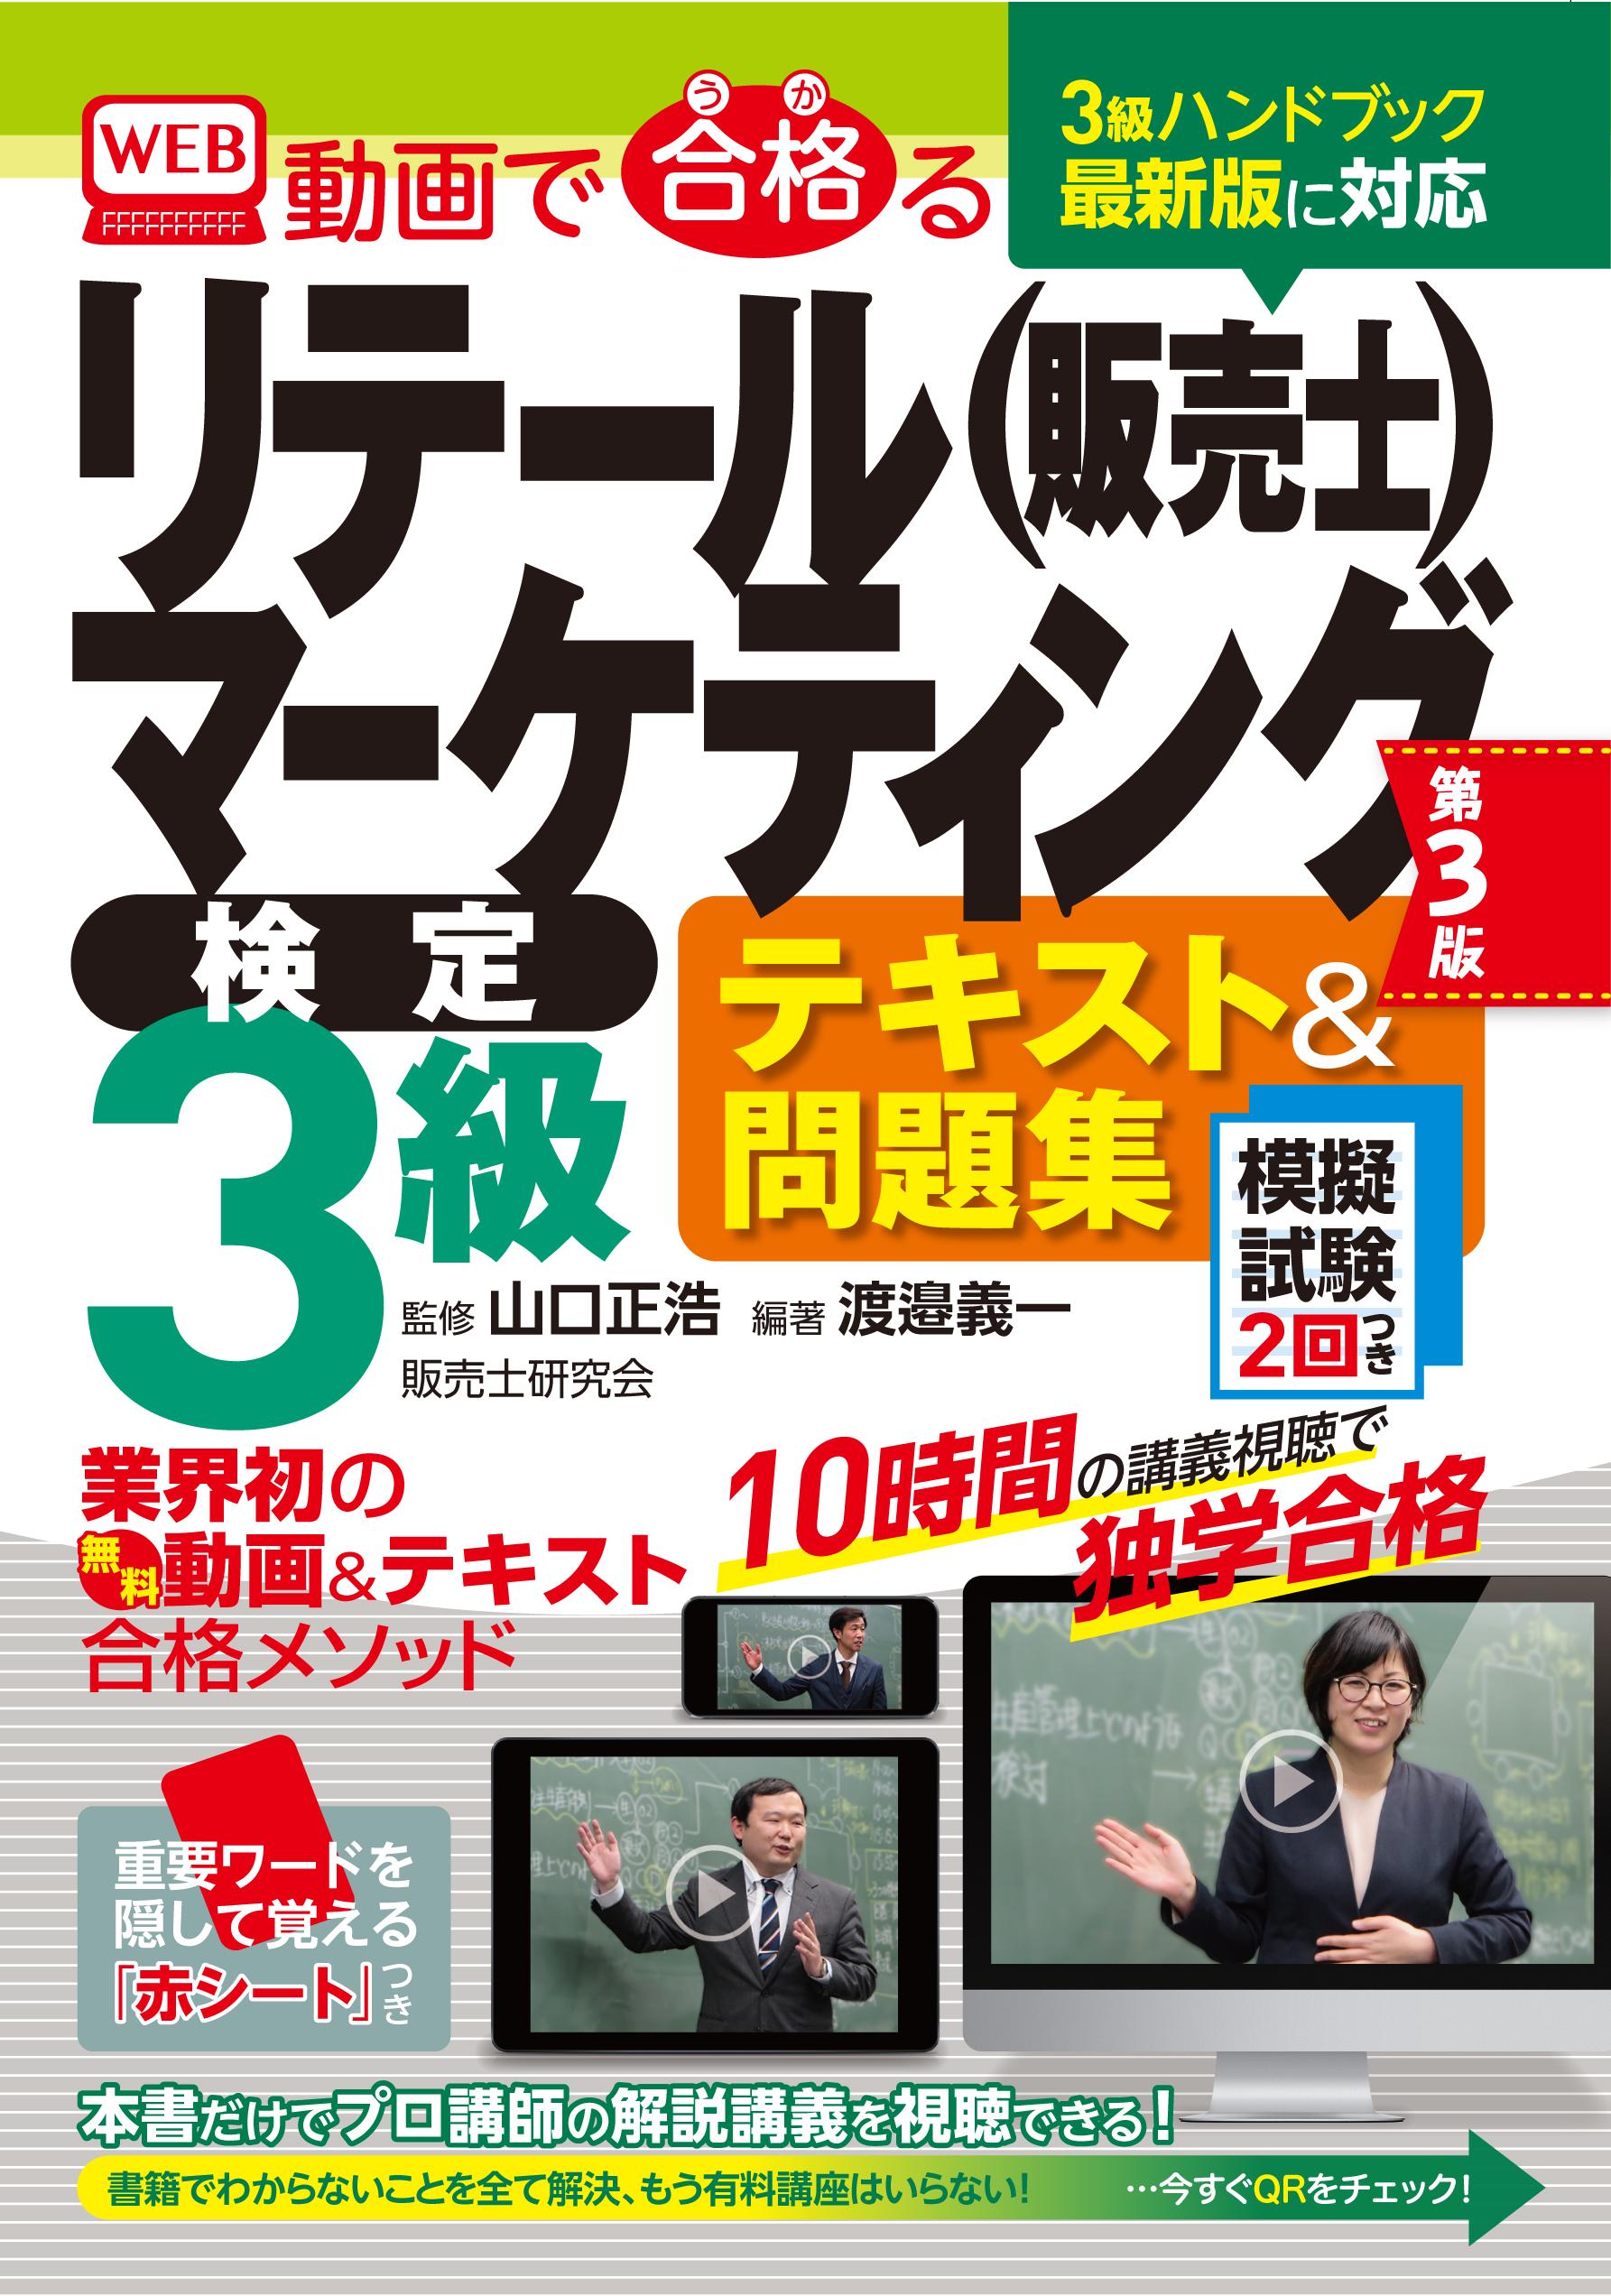 リテールマーケティング(販売士)3級 テキスト&問題集(第3版)